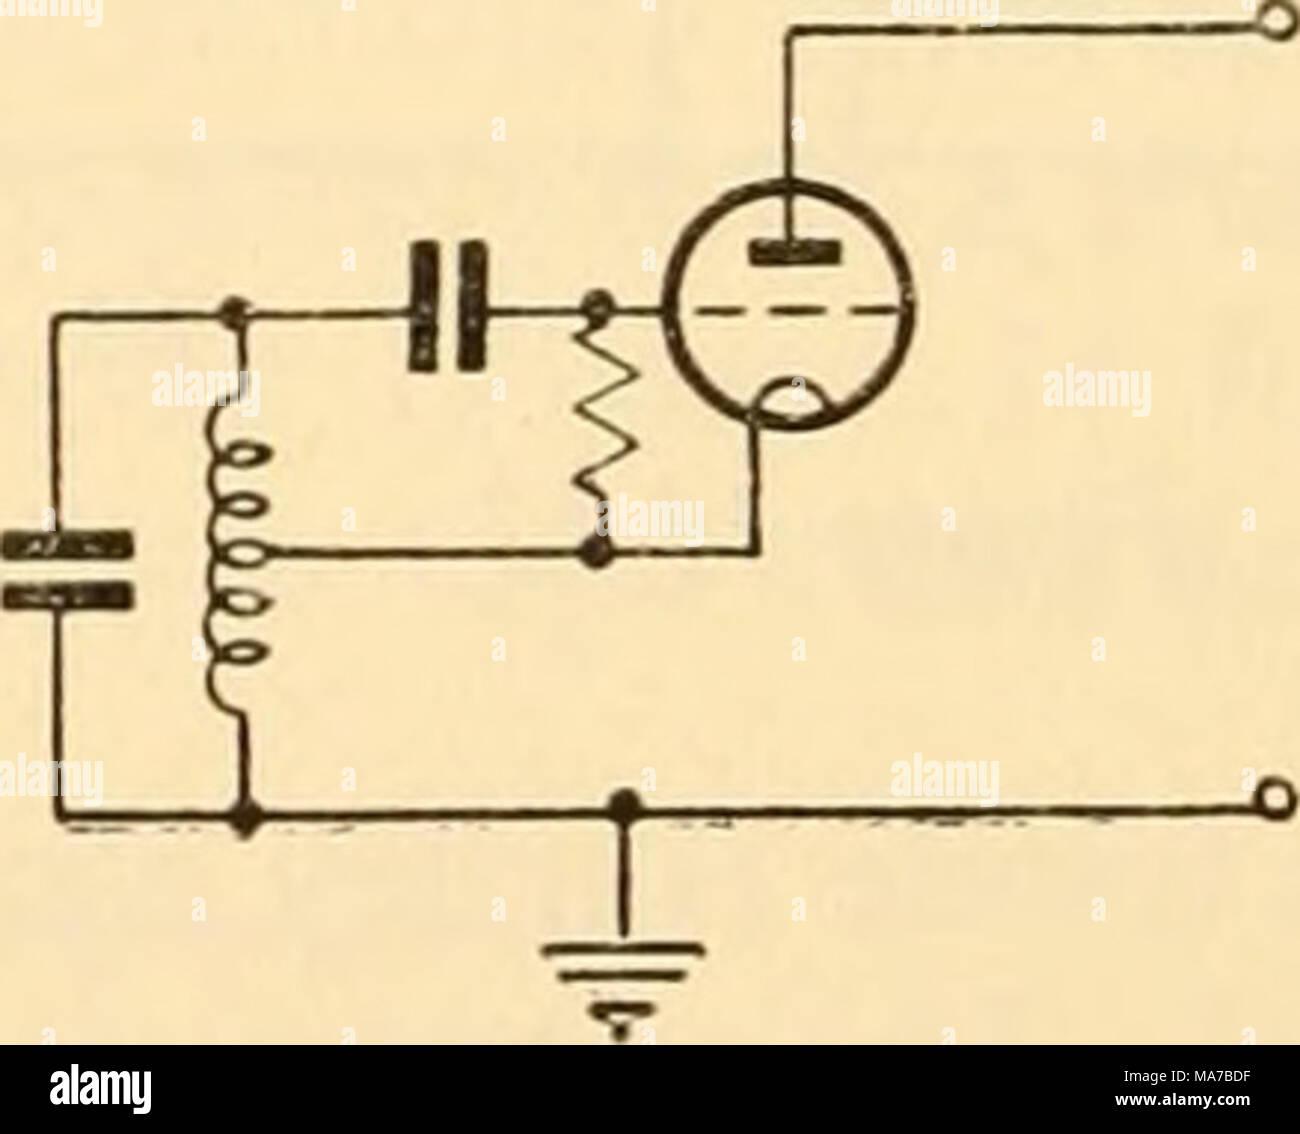 Oscillator Circuit Stock Photos & Oscillator Circuit Stock Images